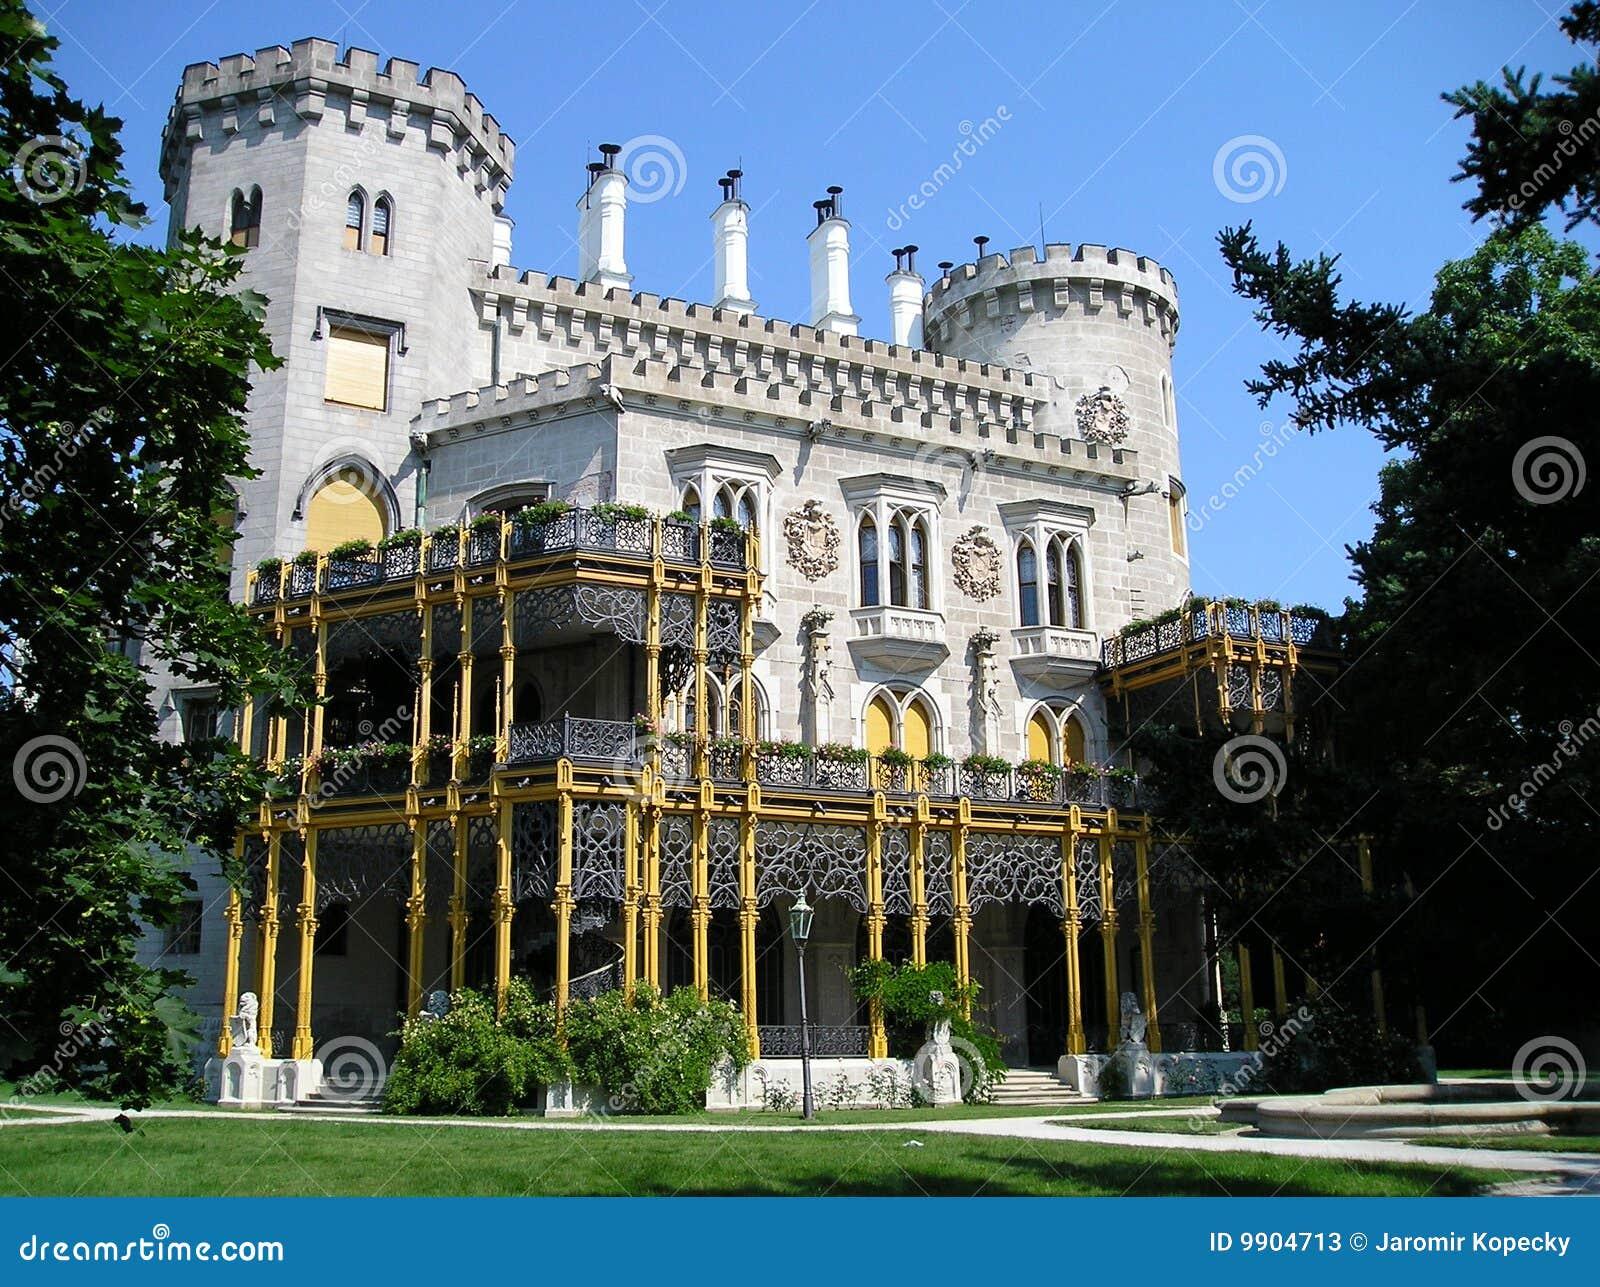 nad vltavou castle - photo #36